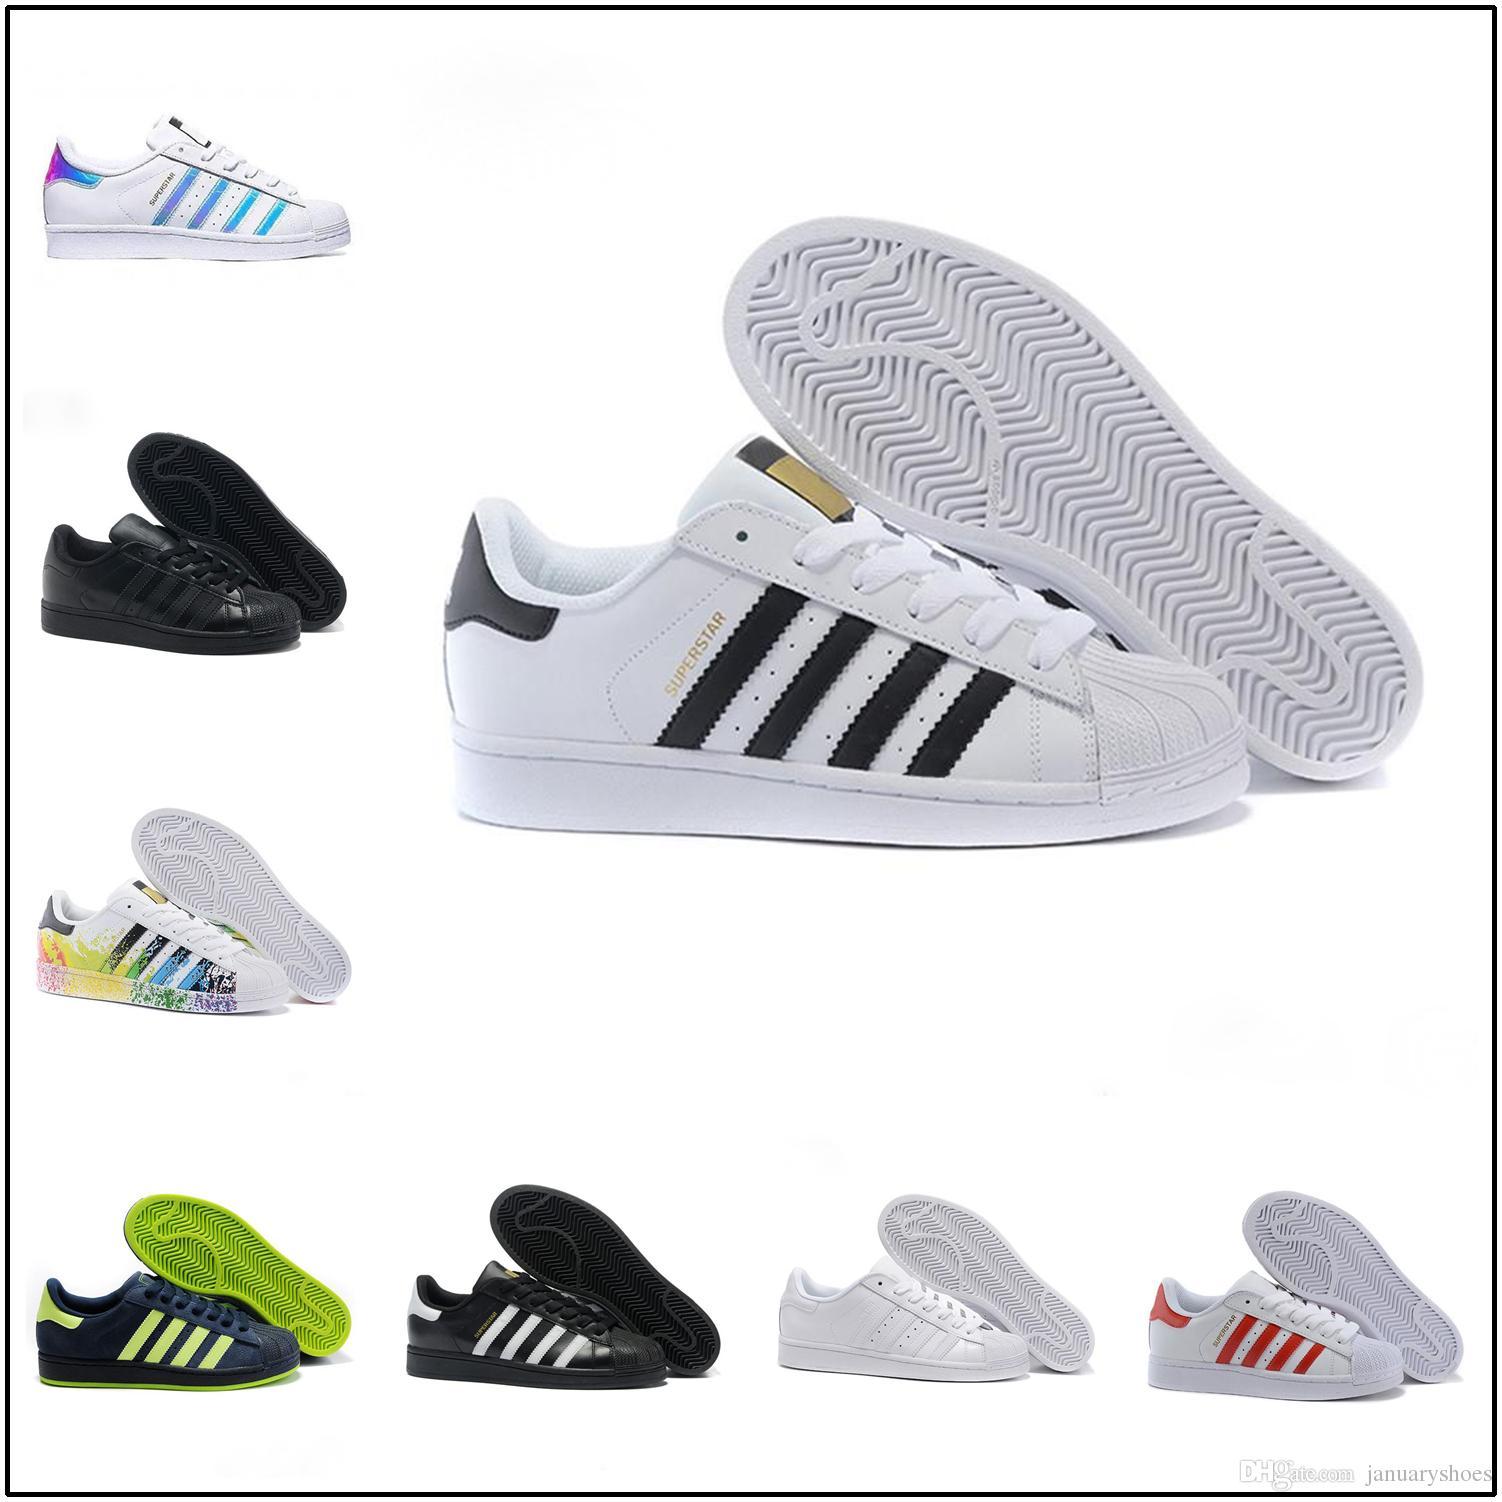 Adidas Superstar Super star 2019 Diseñadores VENDIDOS de moda Zapatillas de running para hombre Superstar Mujer Zapatos planos Mujer Hombre Super